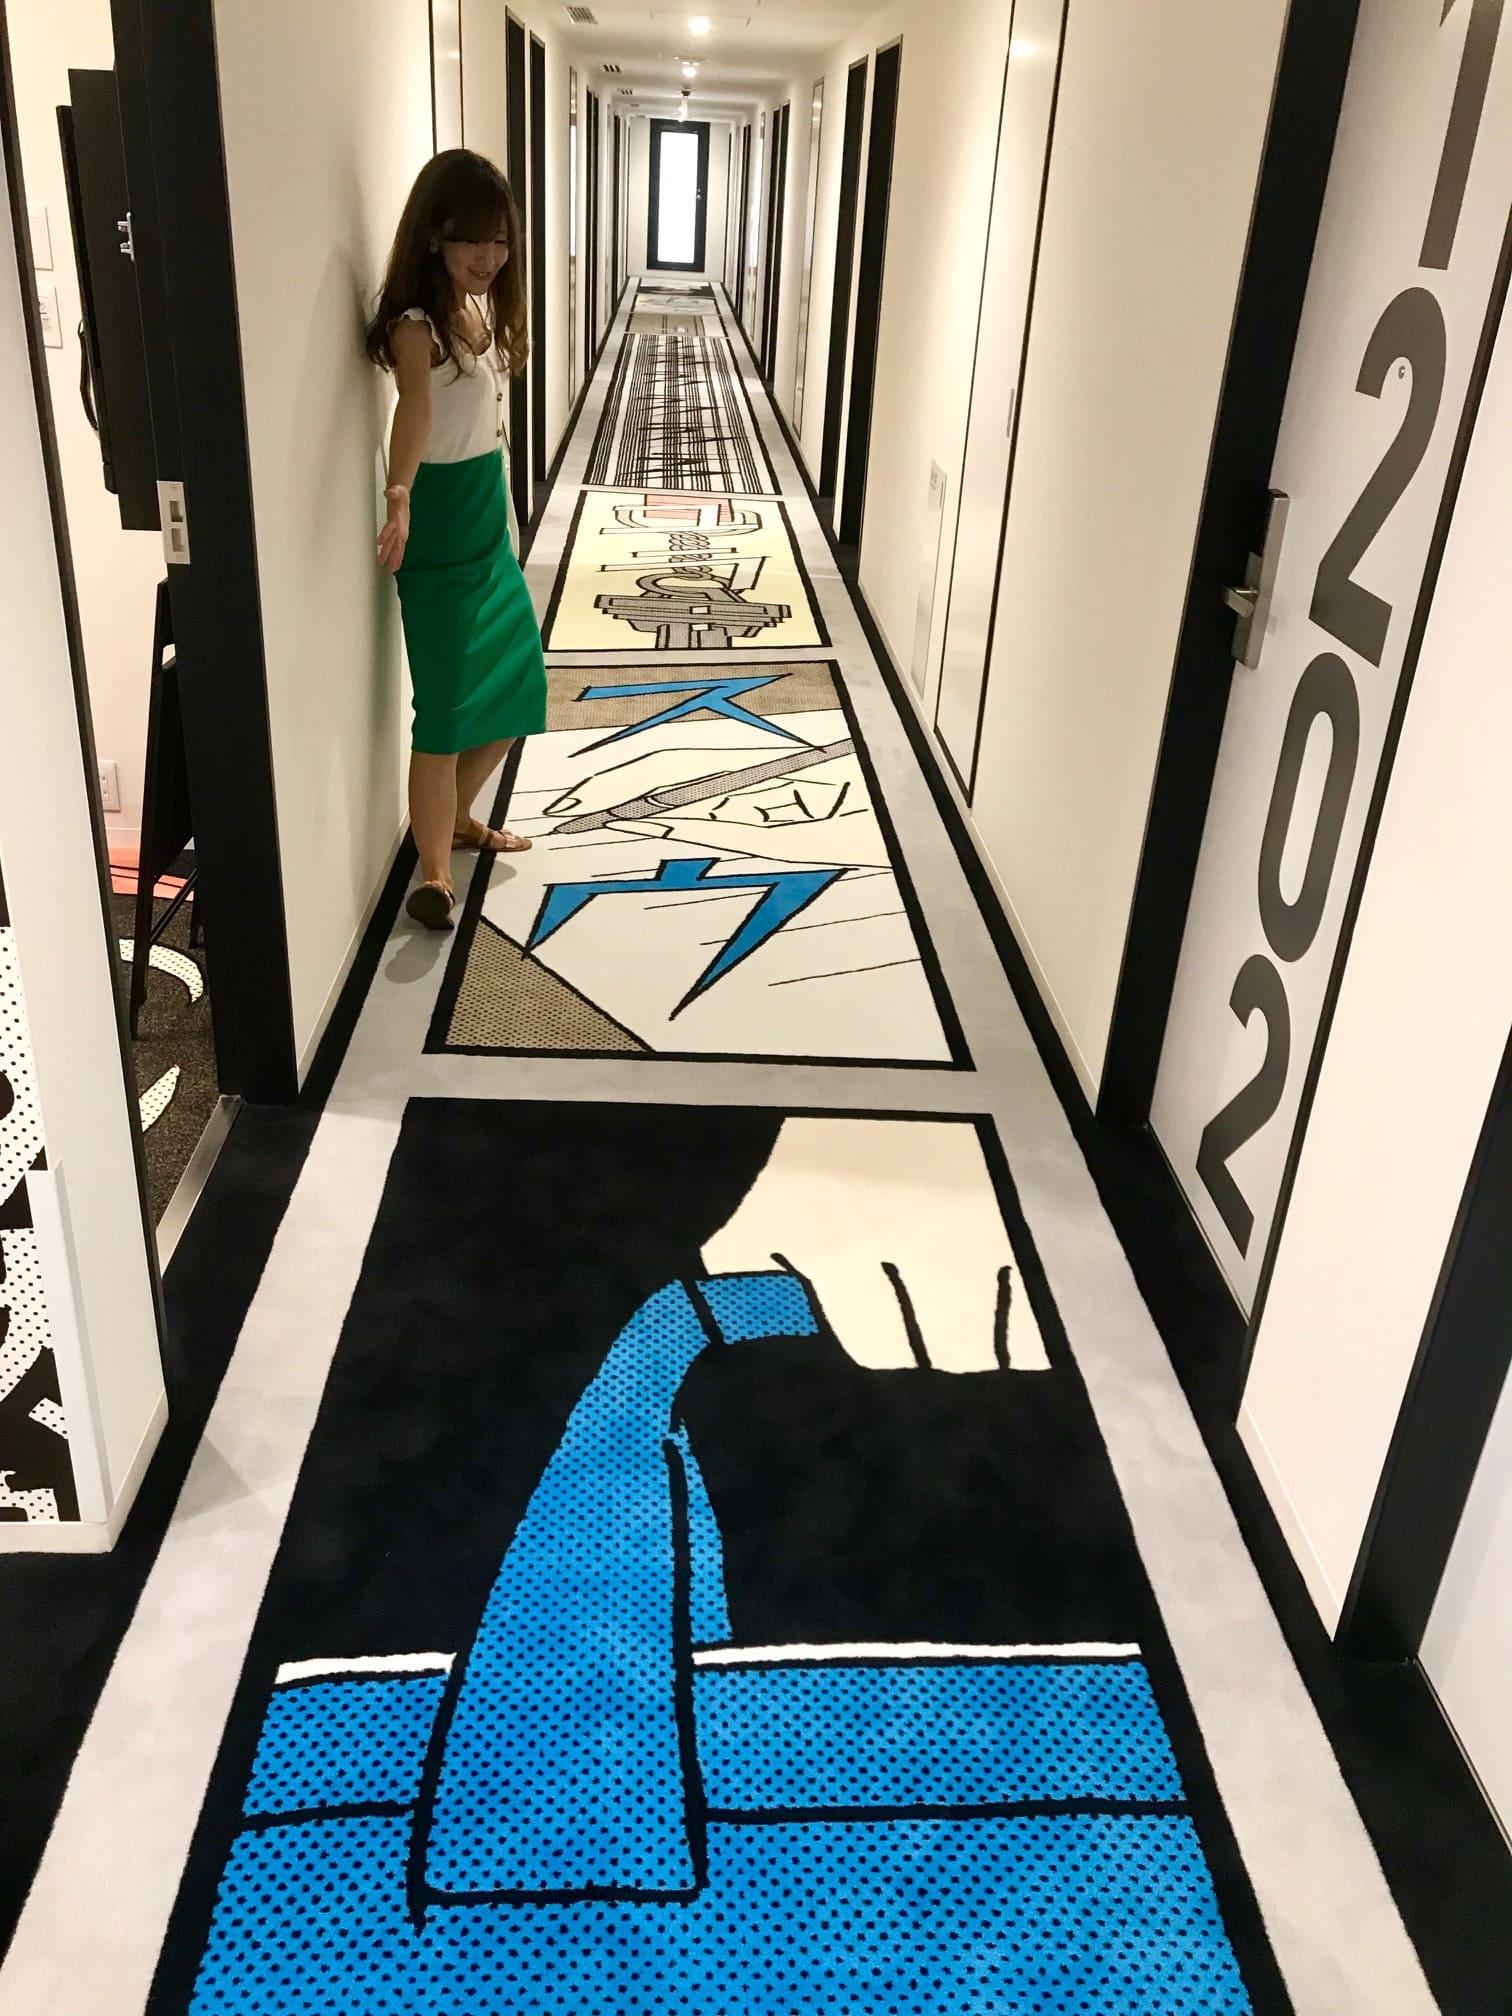 東京のおしゃれなお土産24選《2020年版》 - 東京女子旅に役立つ話題のグルメ・ホテルなどの注目スポット特集も!_42